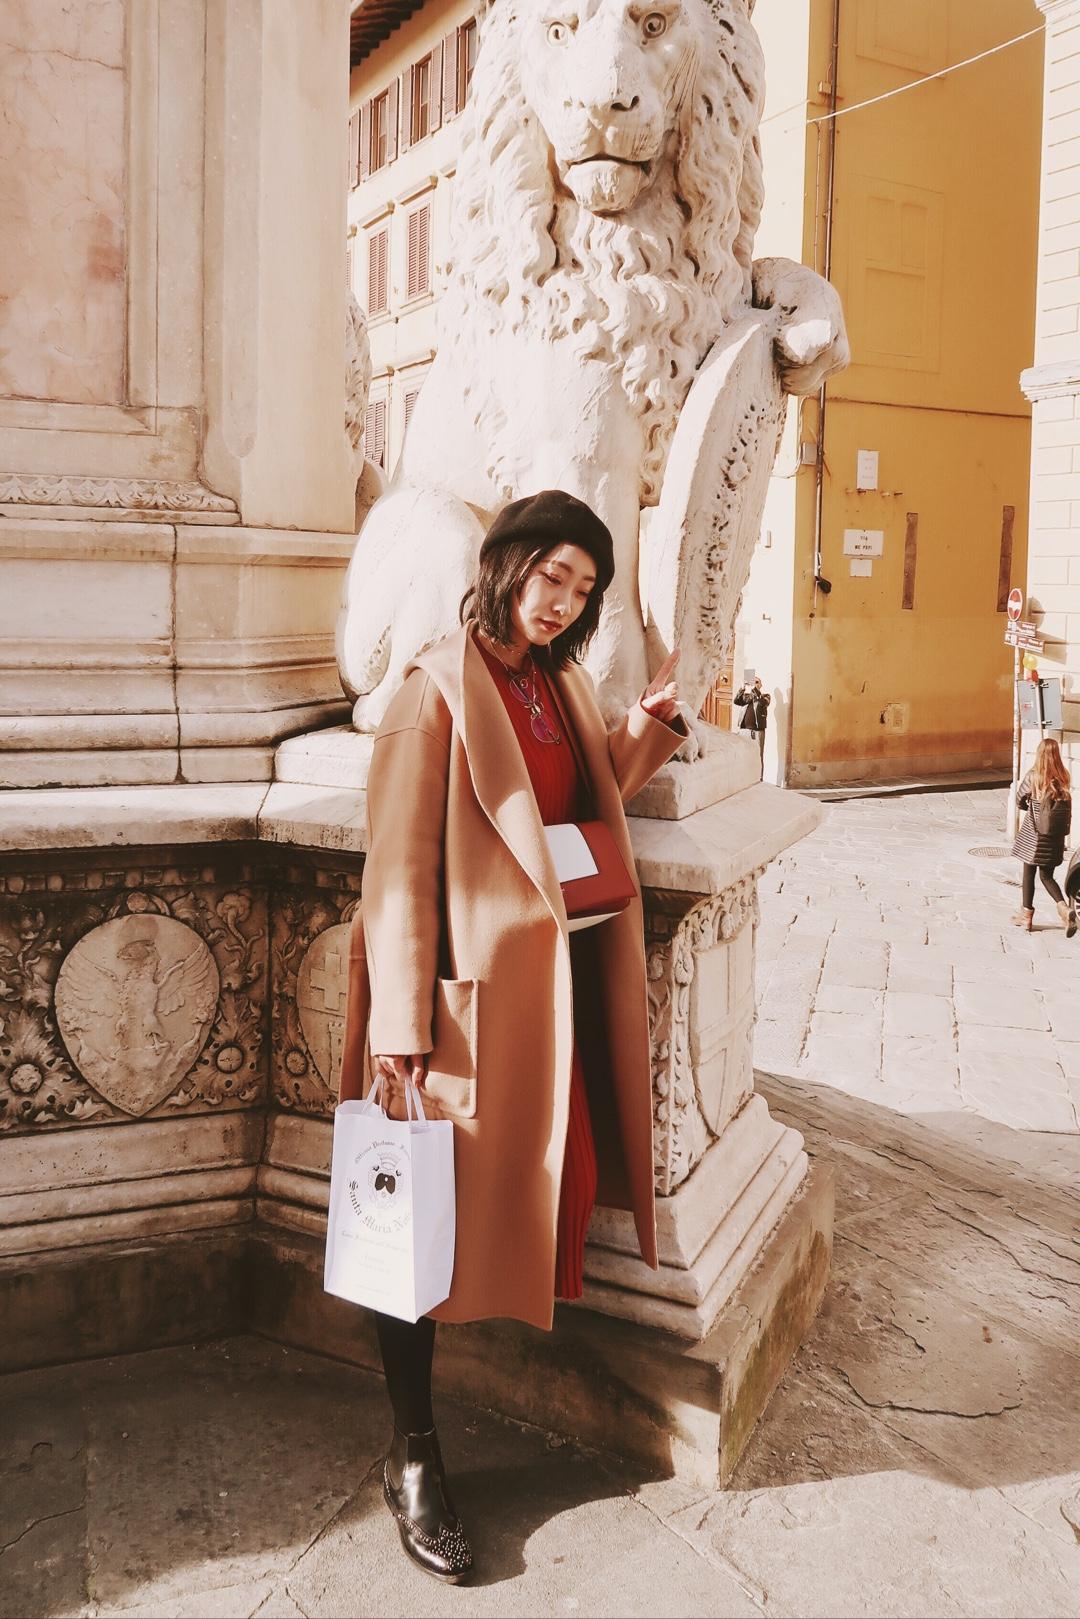 在文艺复兴的发源地佛罗伦萨穿什么? 当然是要有文艺气质的画家帽和棕色浴袍大衣了,搭配church's的经典短靴  保暖又有气质,是适合城市气质的搭配#今春流行色指南#